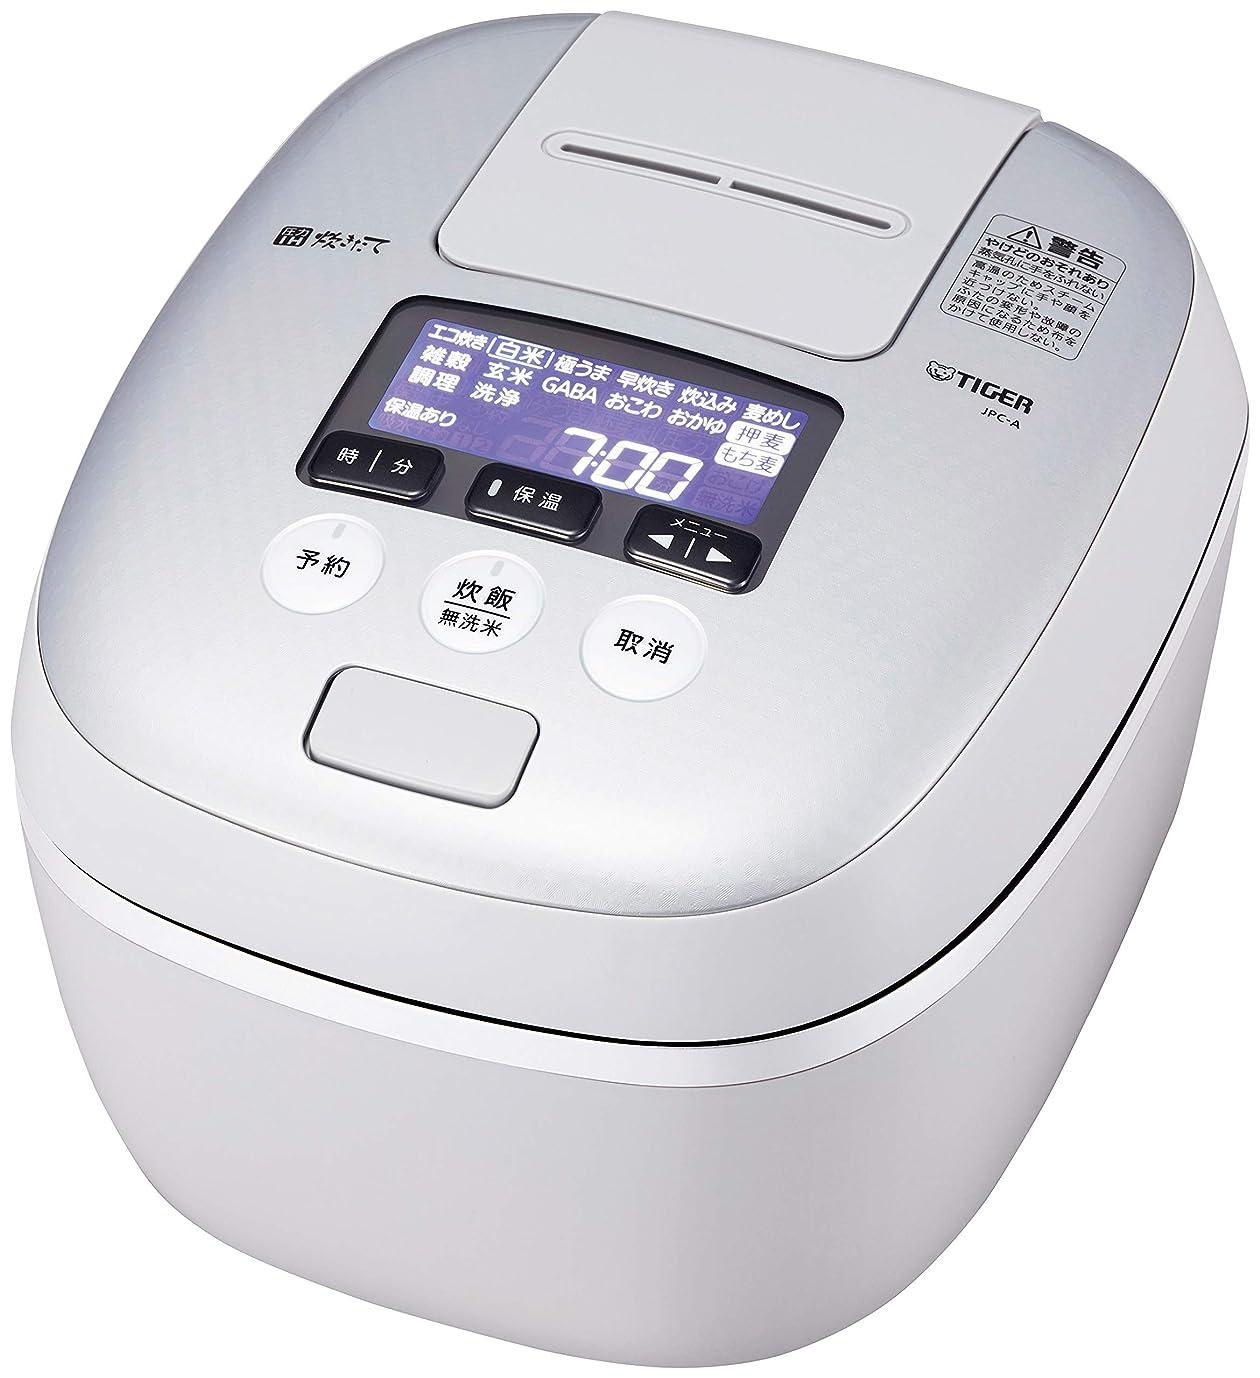 テレマコス泥棒反対タイガー 炊飯器 5.5合 圧力IH 土鍋コーティング 極うま機能付き 炊きたて ホワイトグレー JPC-A101-WH